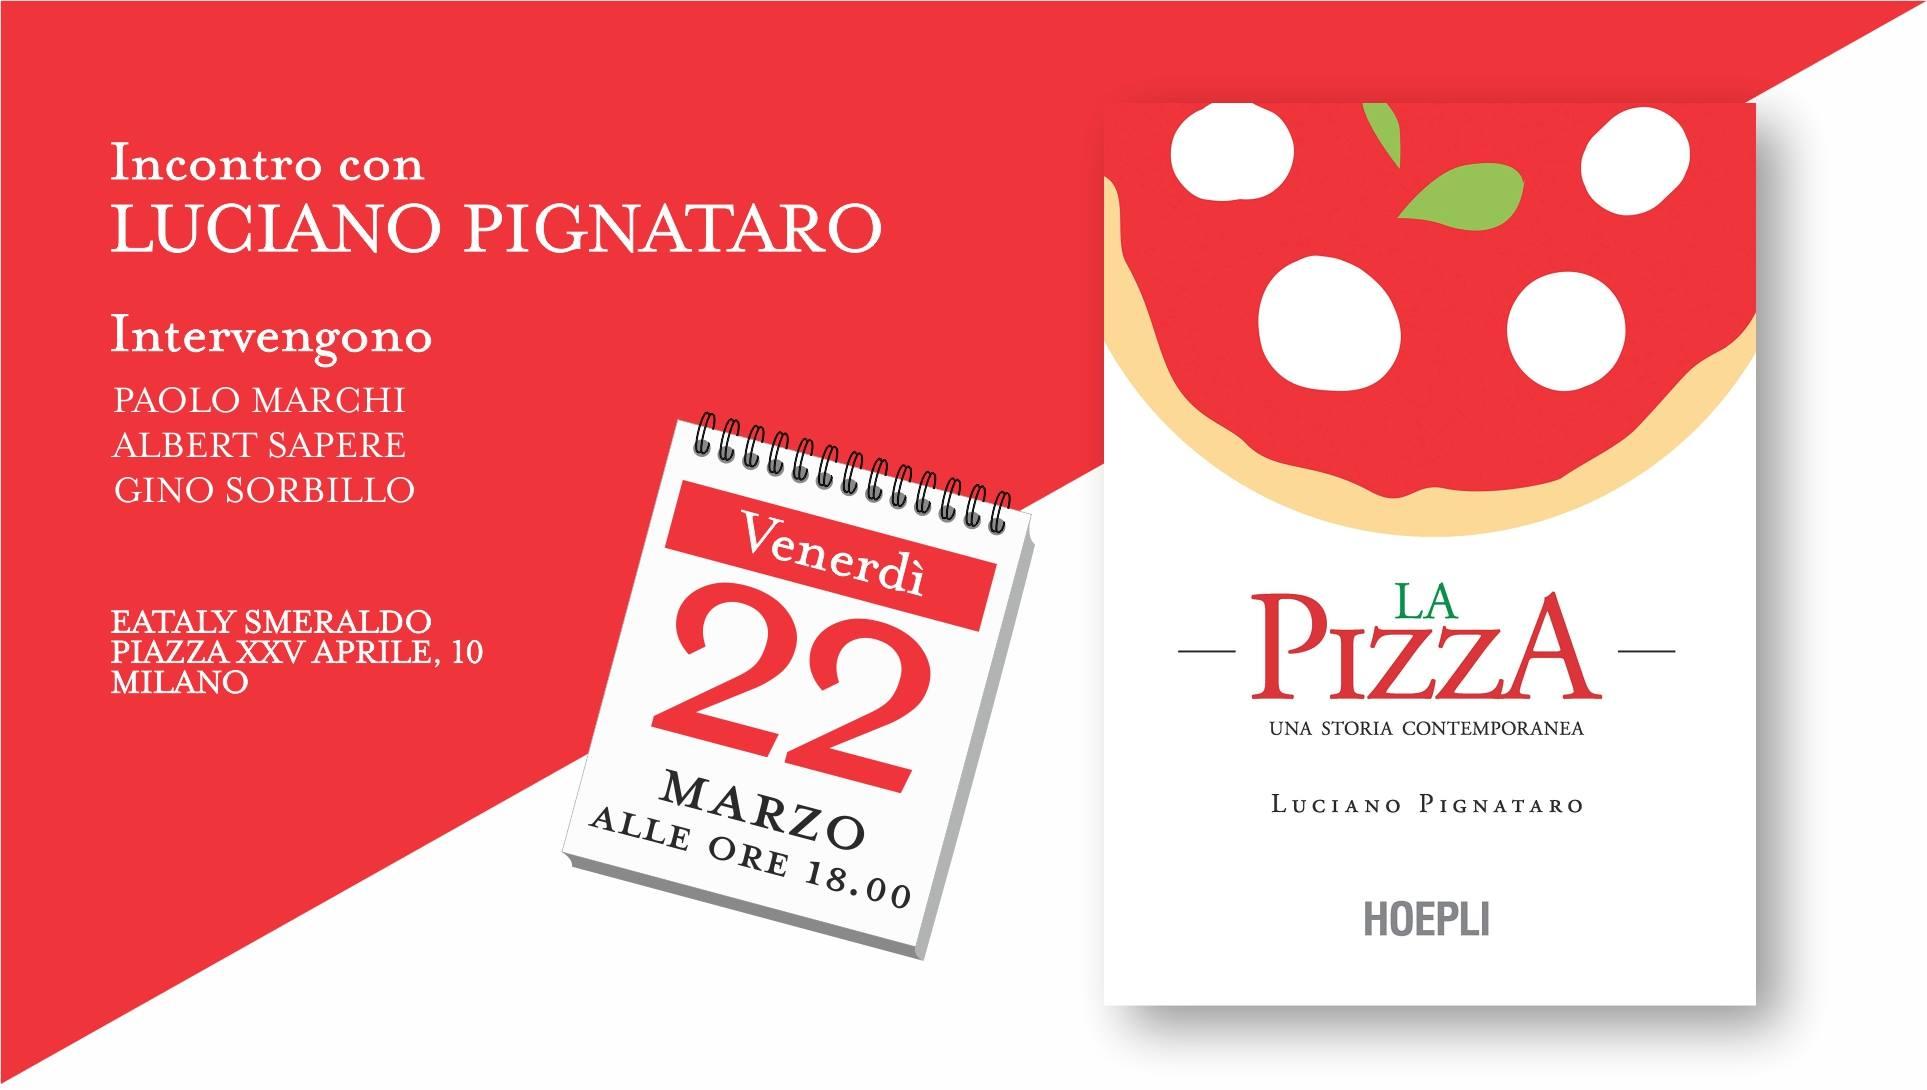 La Pizza a MIlano